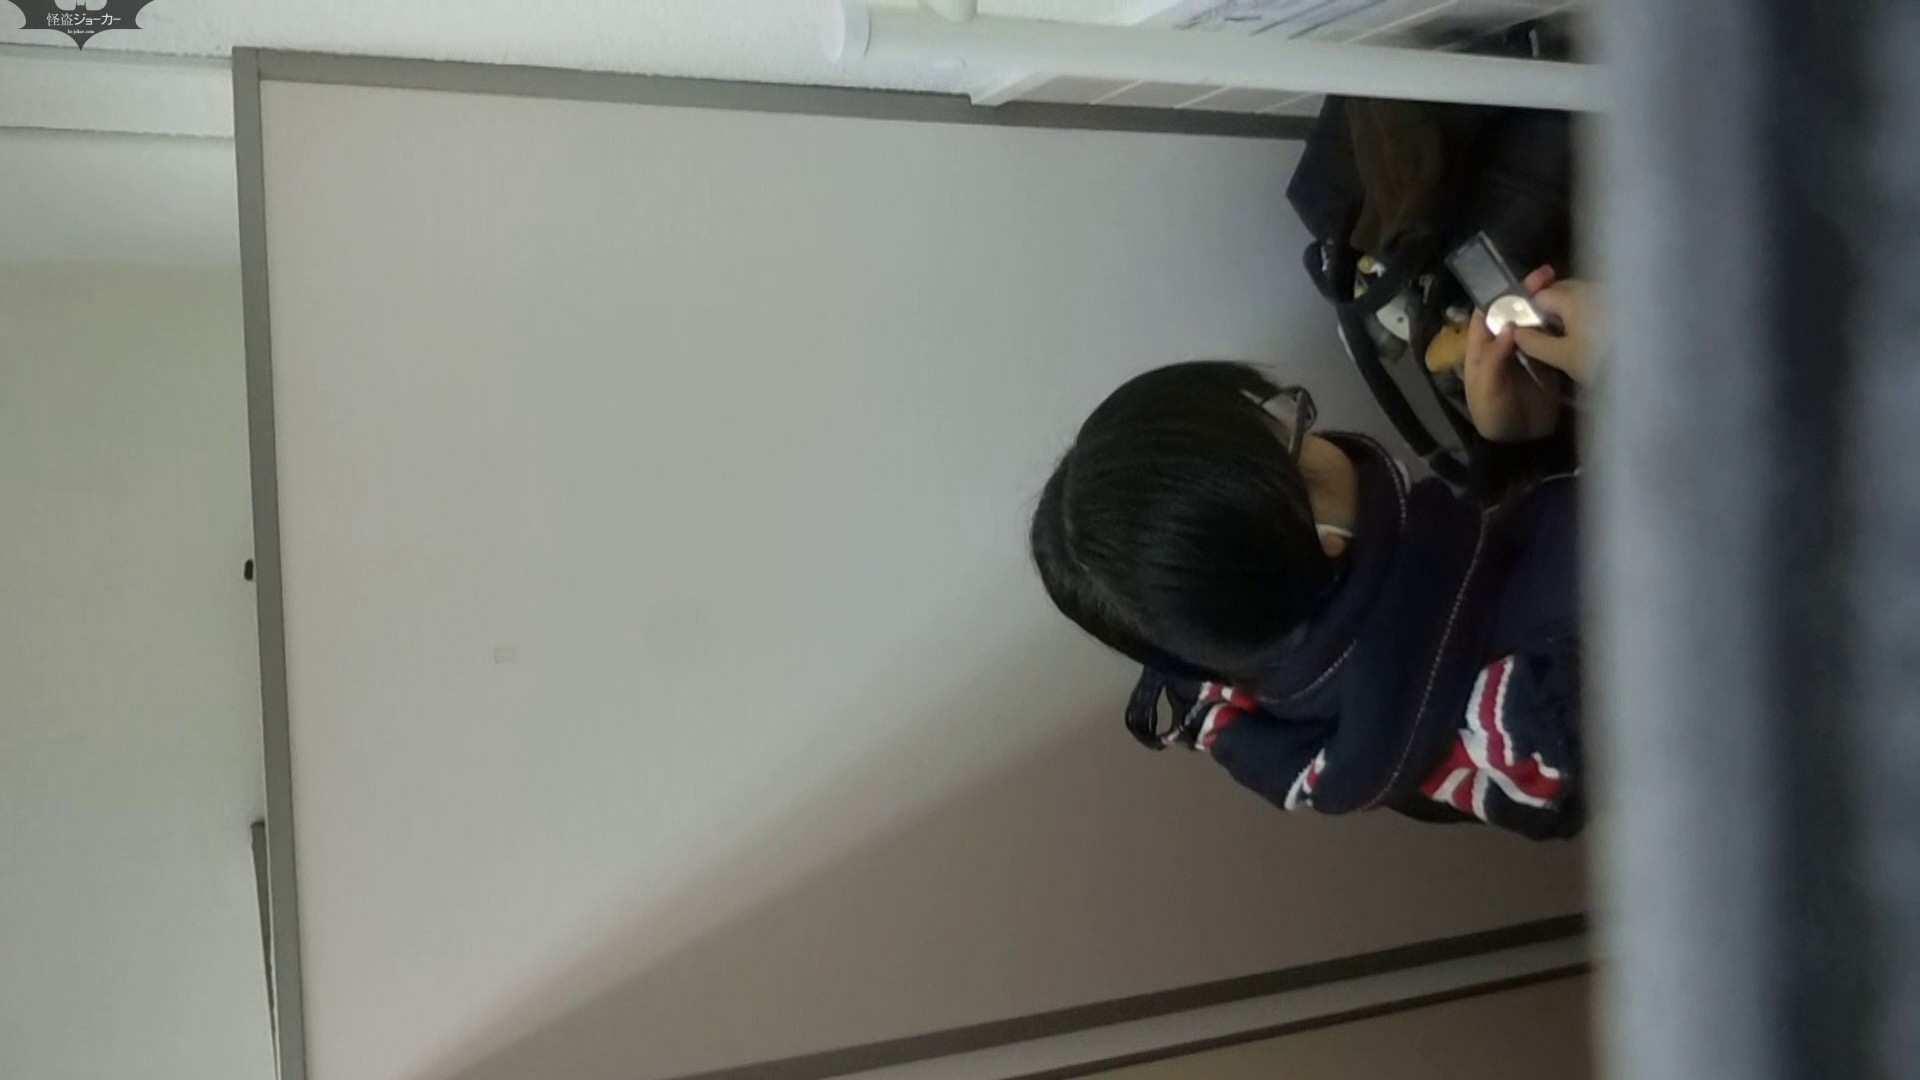 化粧室絵巻 駅舎編 VOL.28 盗撮  87pic 9